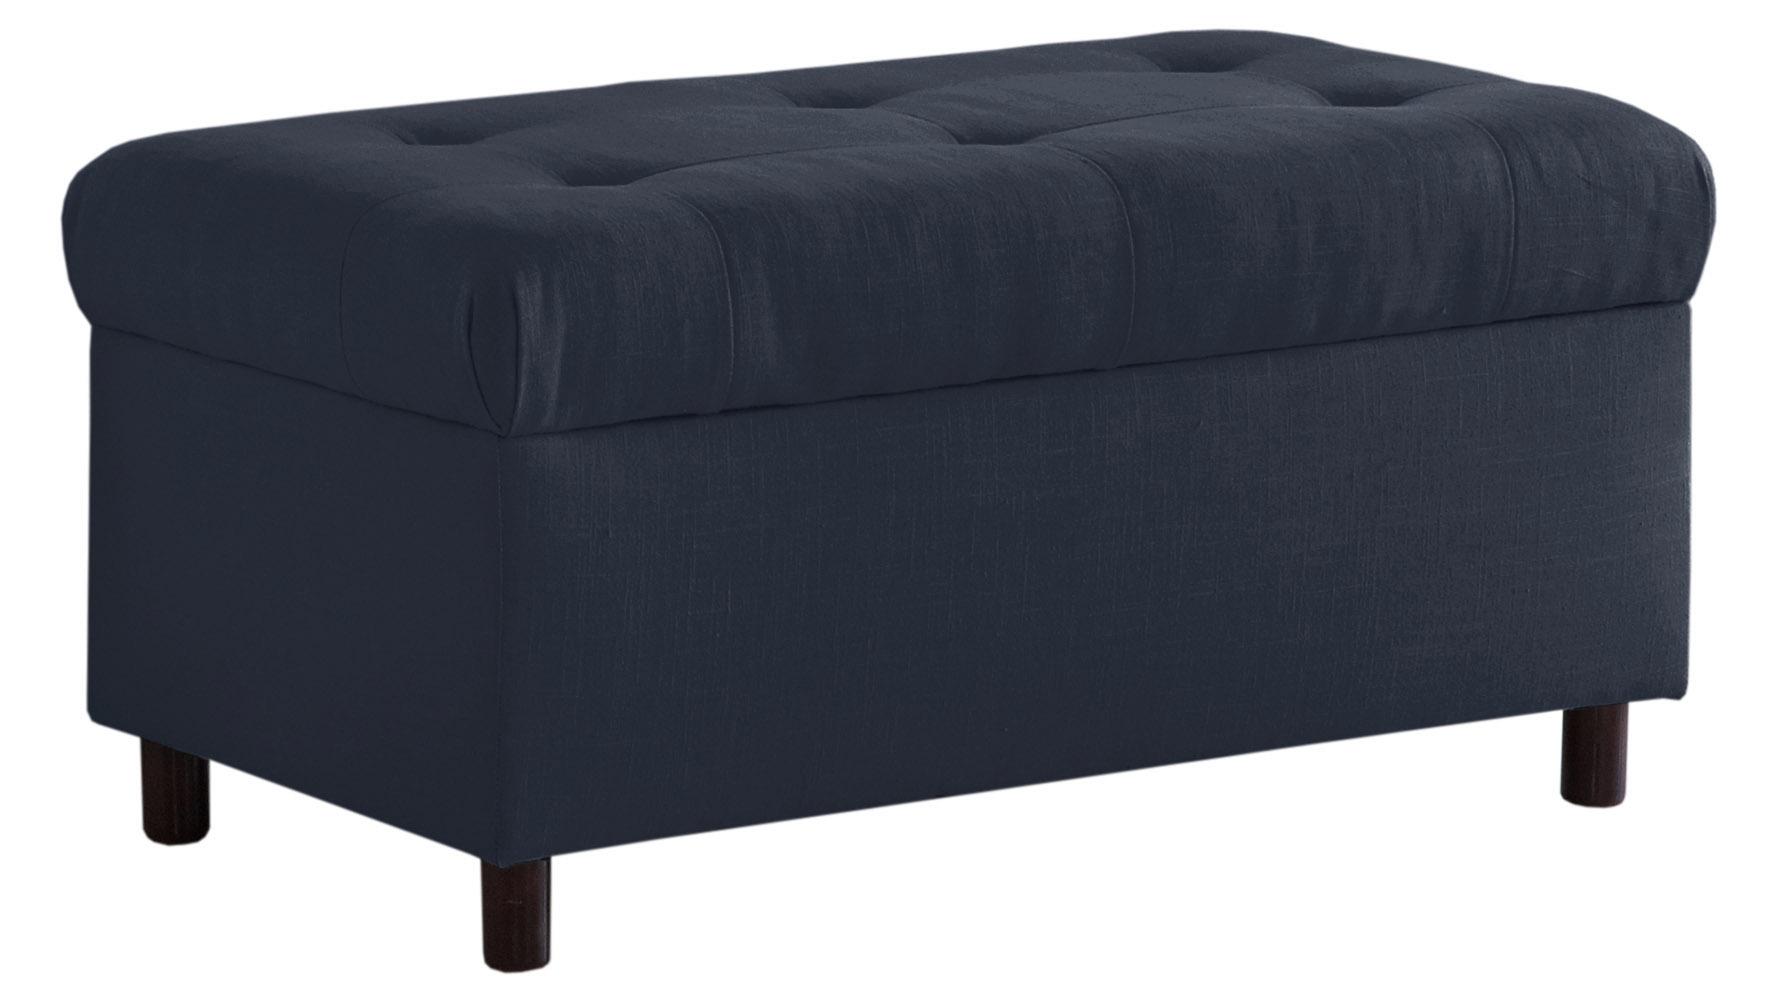 Reanna Tufted Storage Bench Zuri Furniture